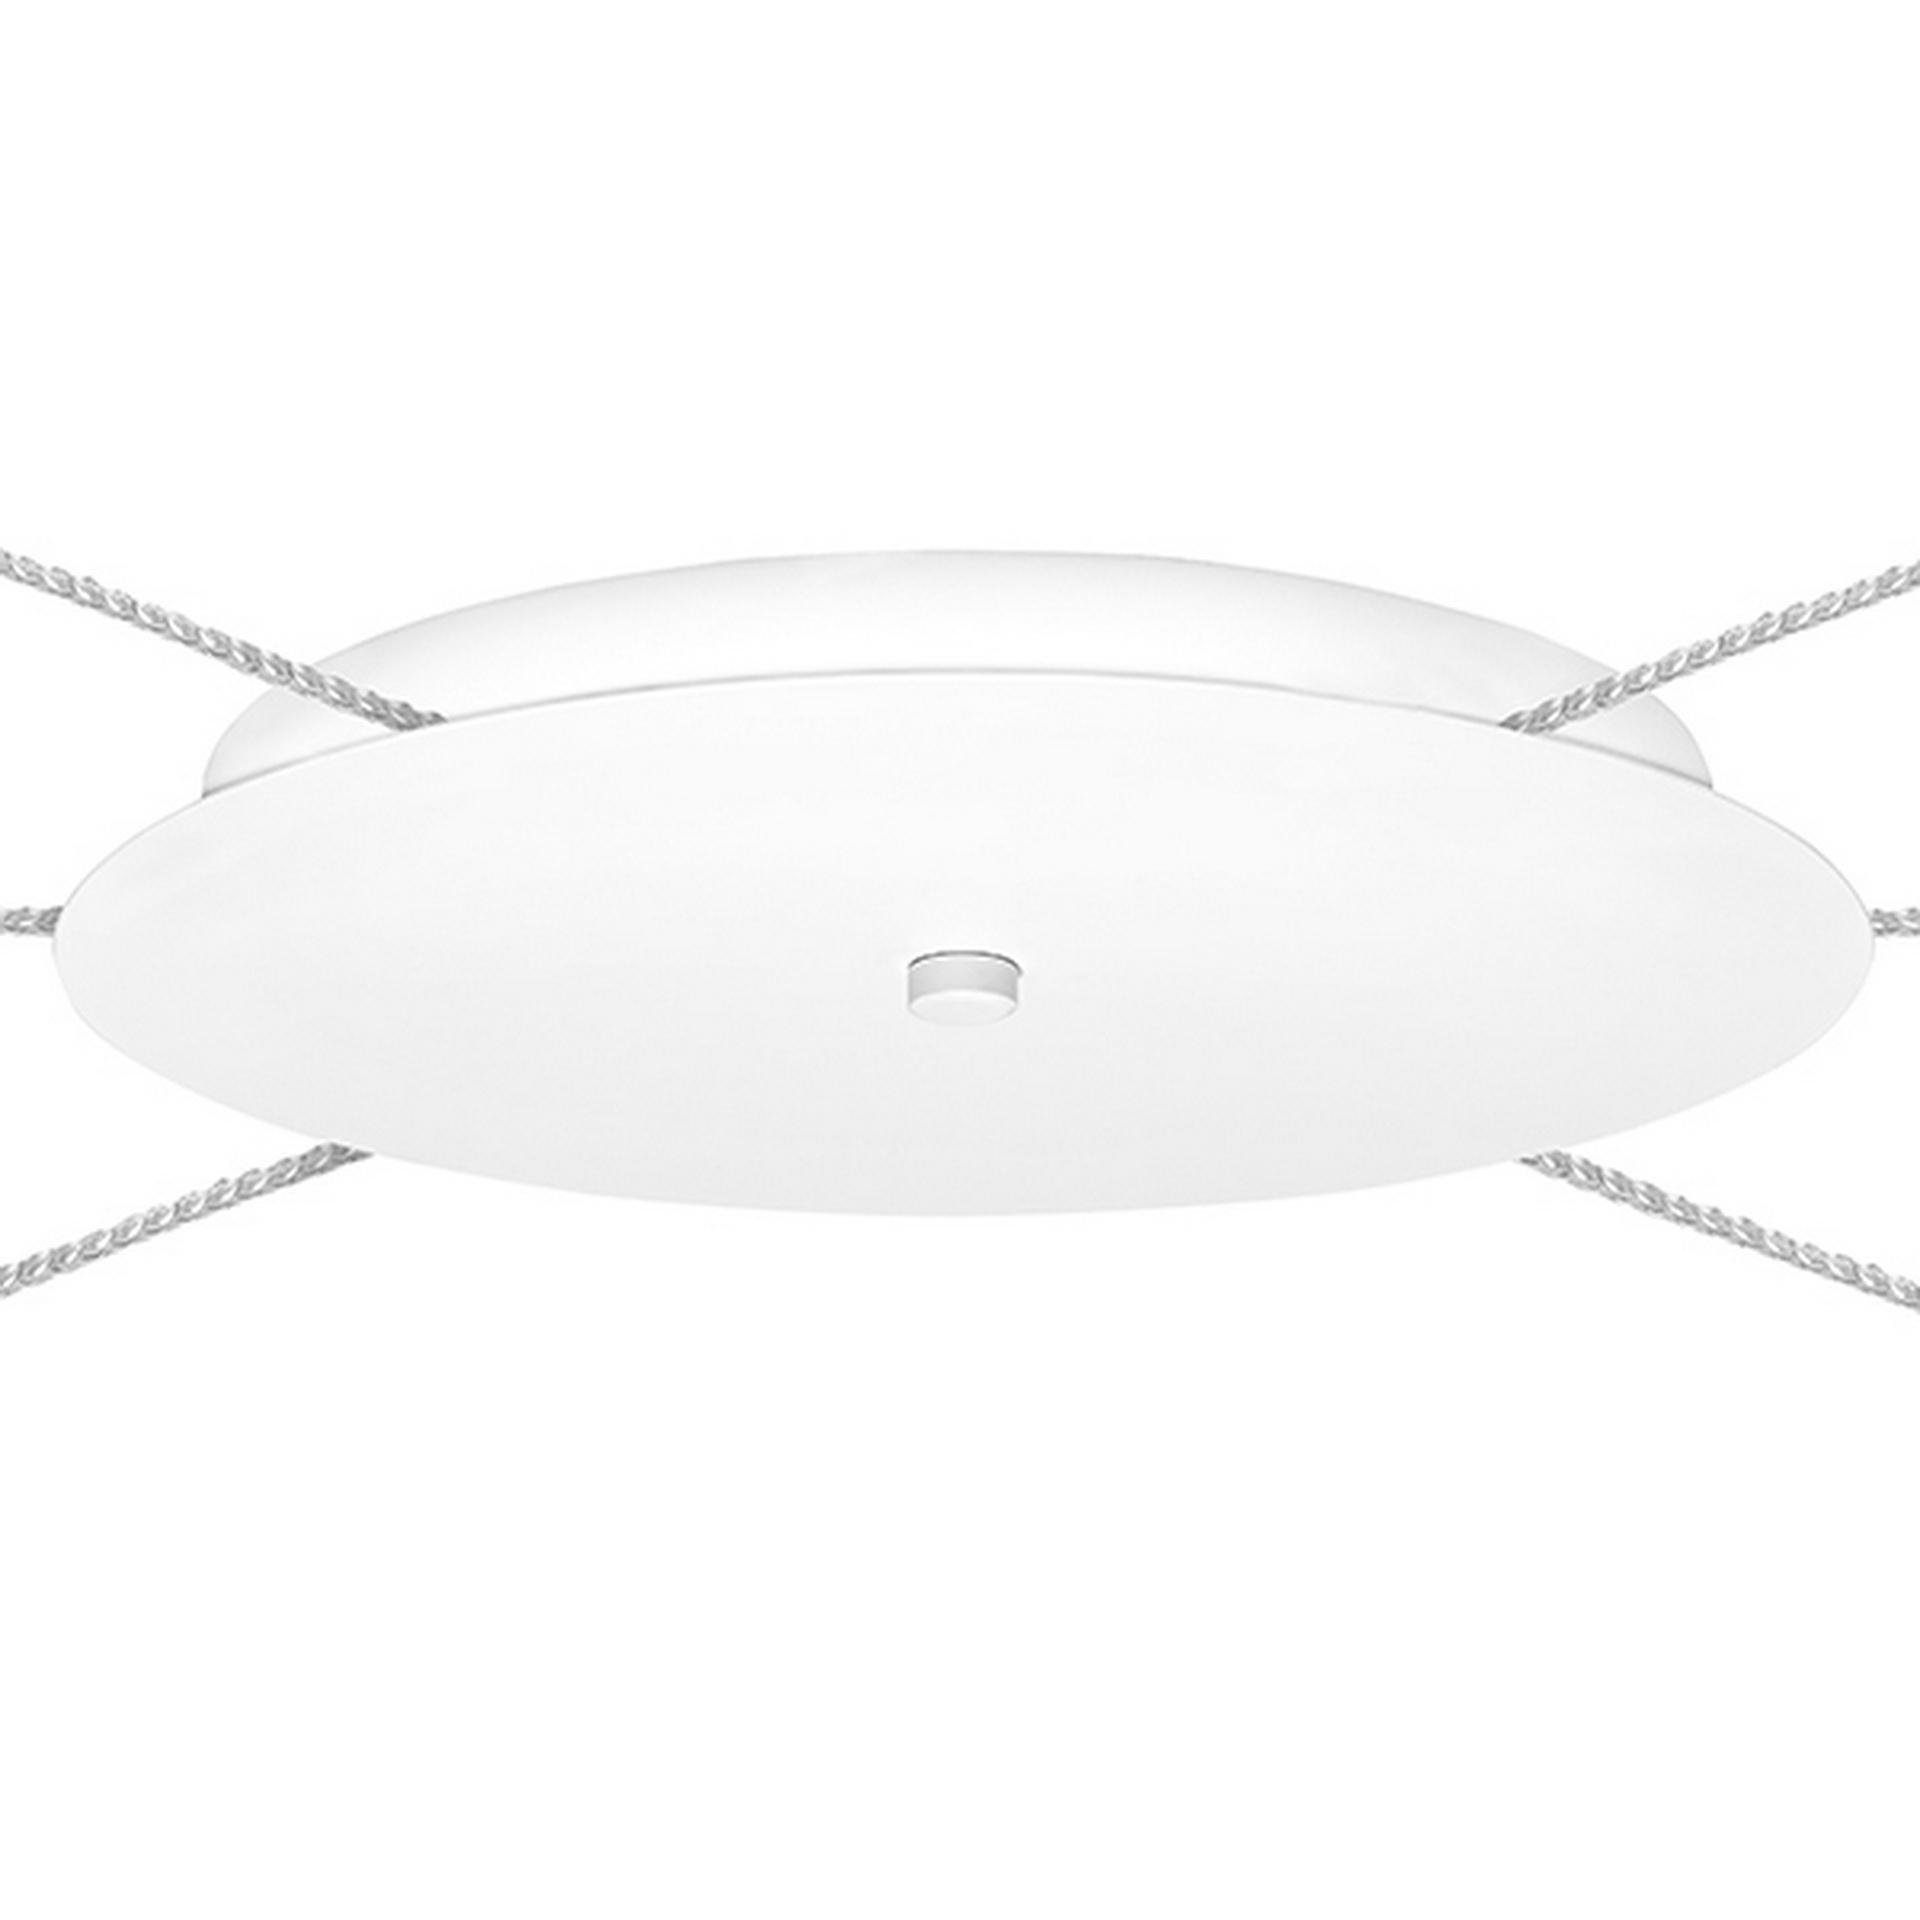 Подвесная люстра CONE LightStar 757066 цвет - белый матовый, купить в СПб, Москве, с доставкой, Санкт-Петербург, интернет-магазин люстр и светильников Starlight, фото в жизни